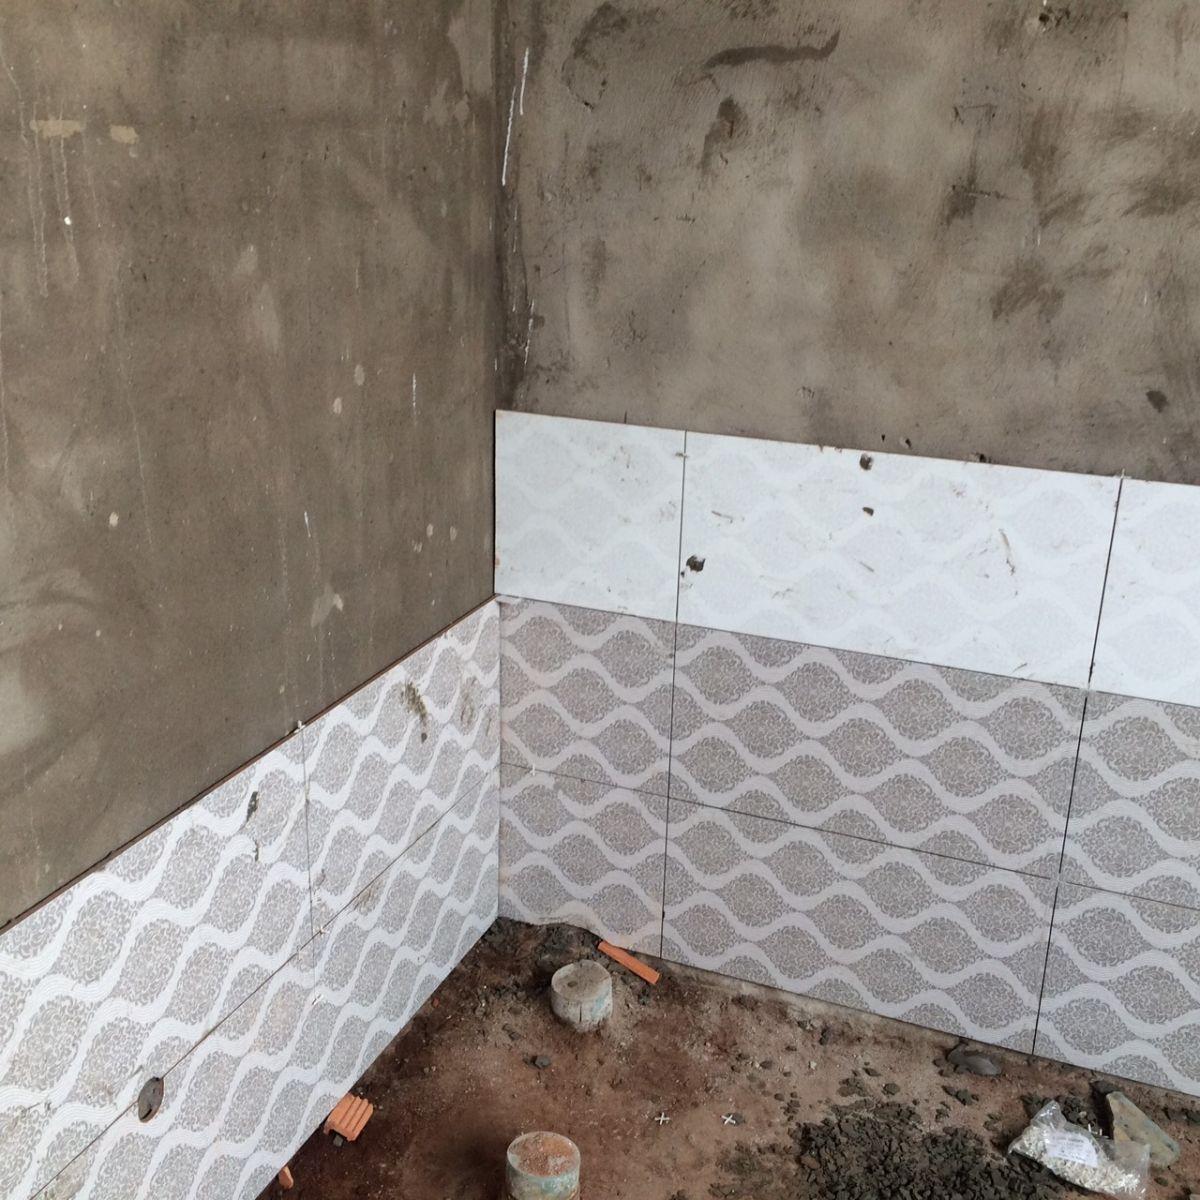 dịch vụ sửa chữa nhà giá rẻ ở Đồng Nai